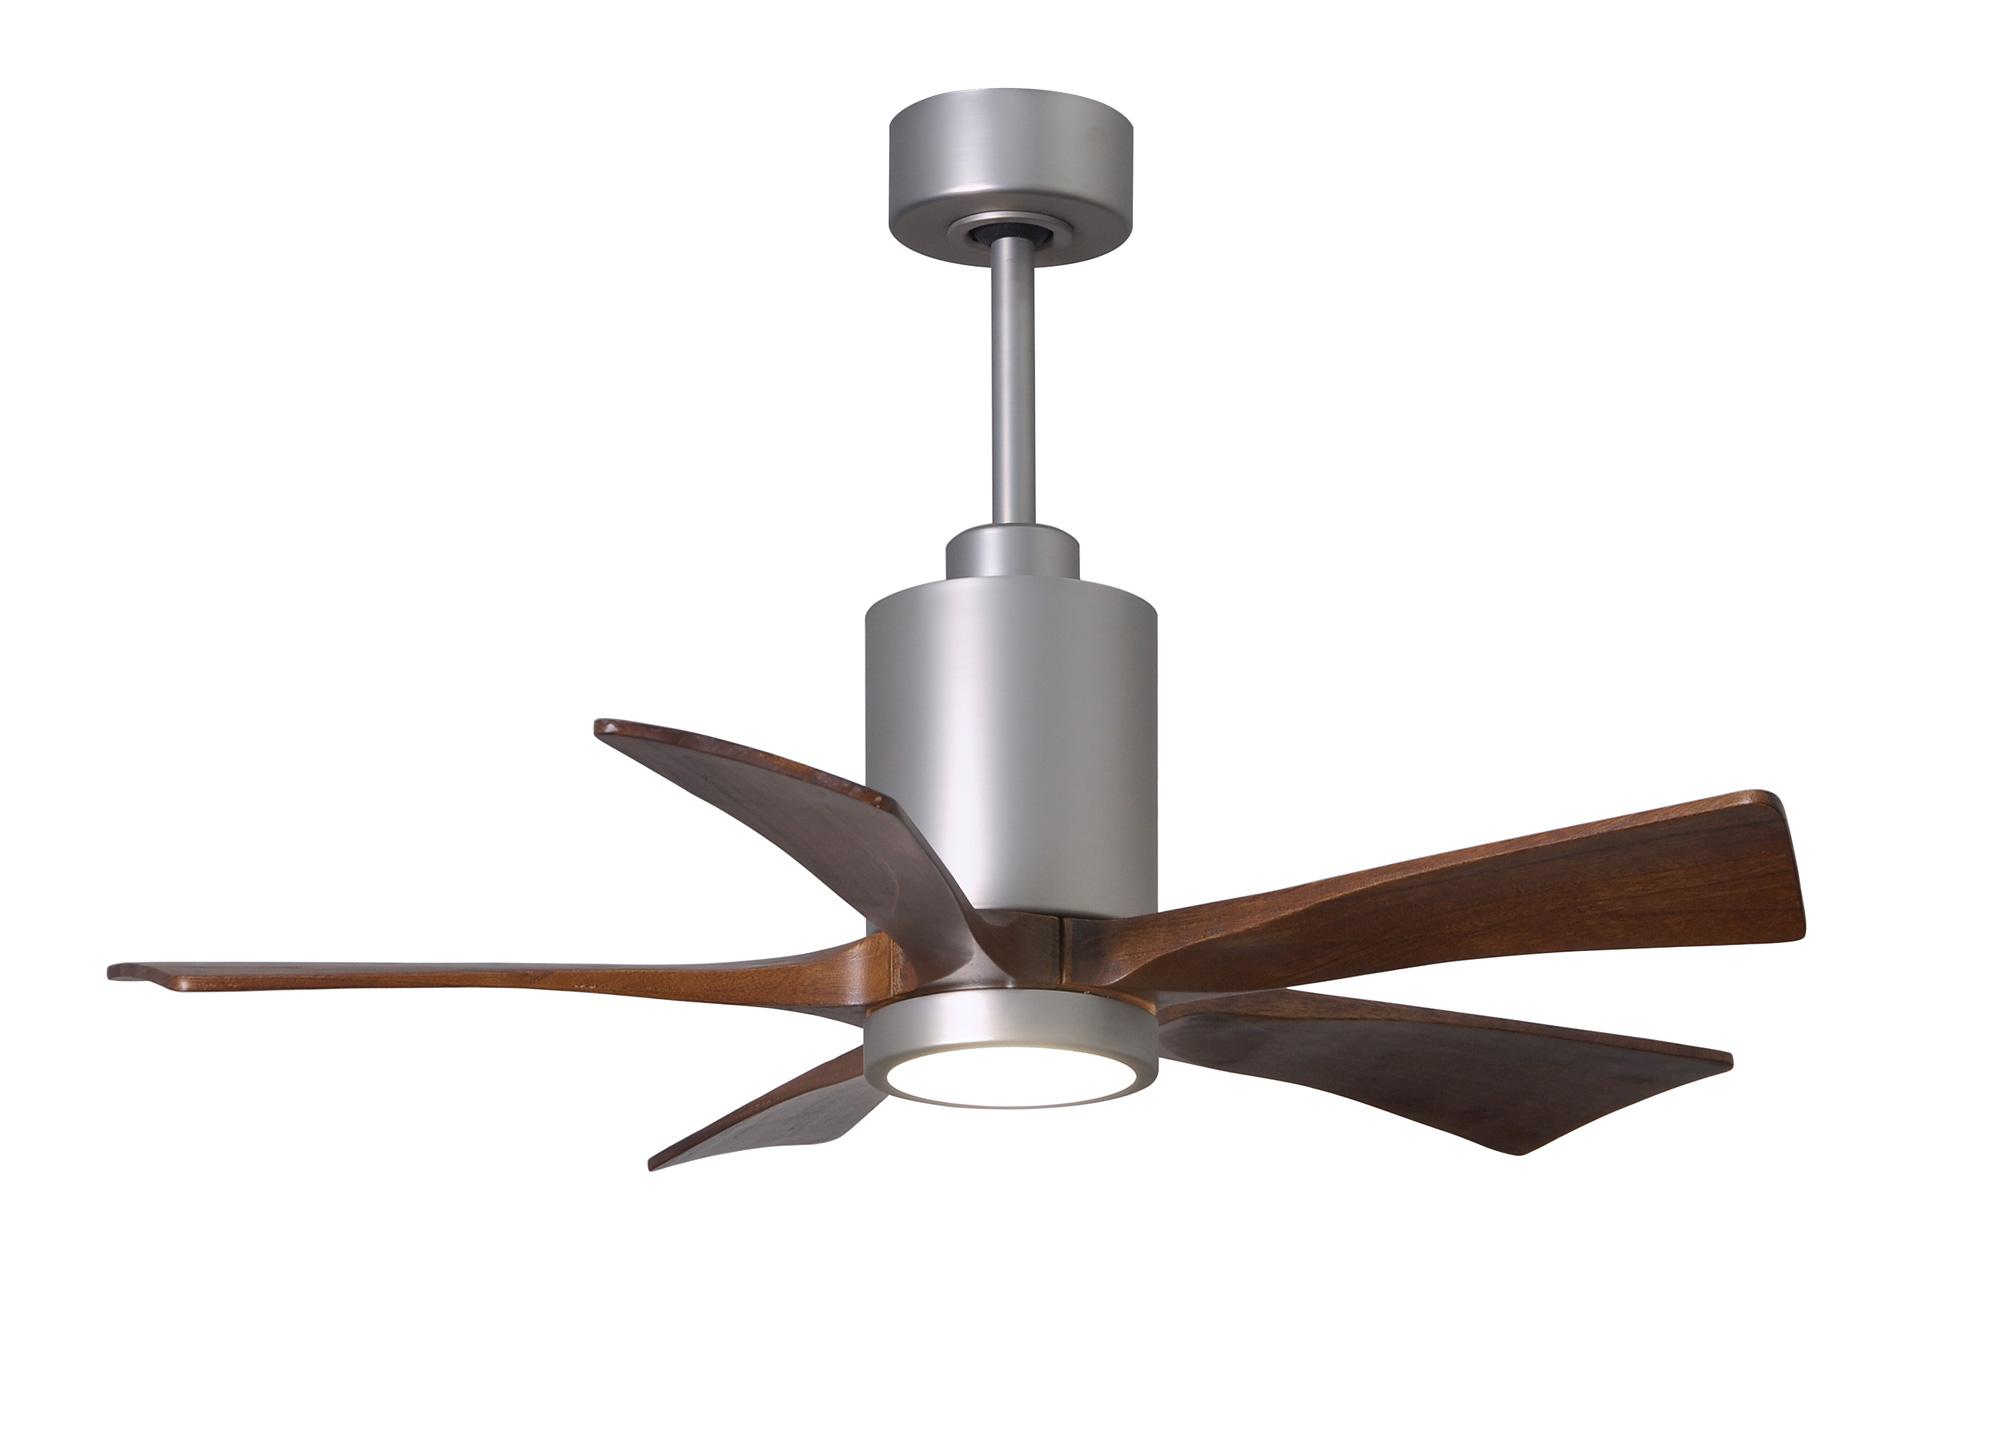 5 blade ceiling fan with light by matthews fan company pa5 bn 42 patricia 5 blade ceiling fan with light by matthews fan company pa5 bn 42 aloadofball Choice Image